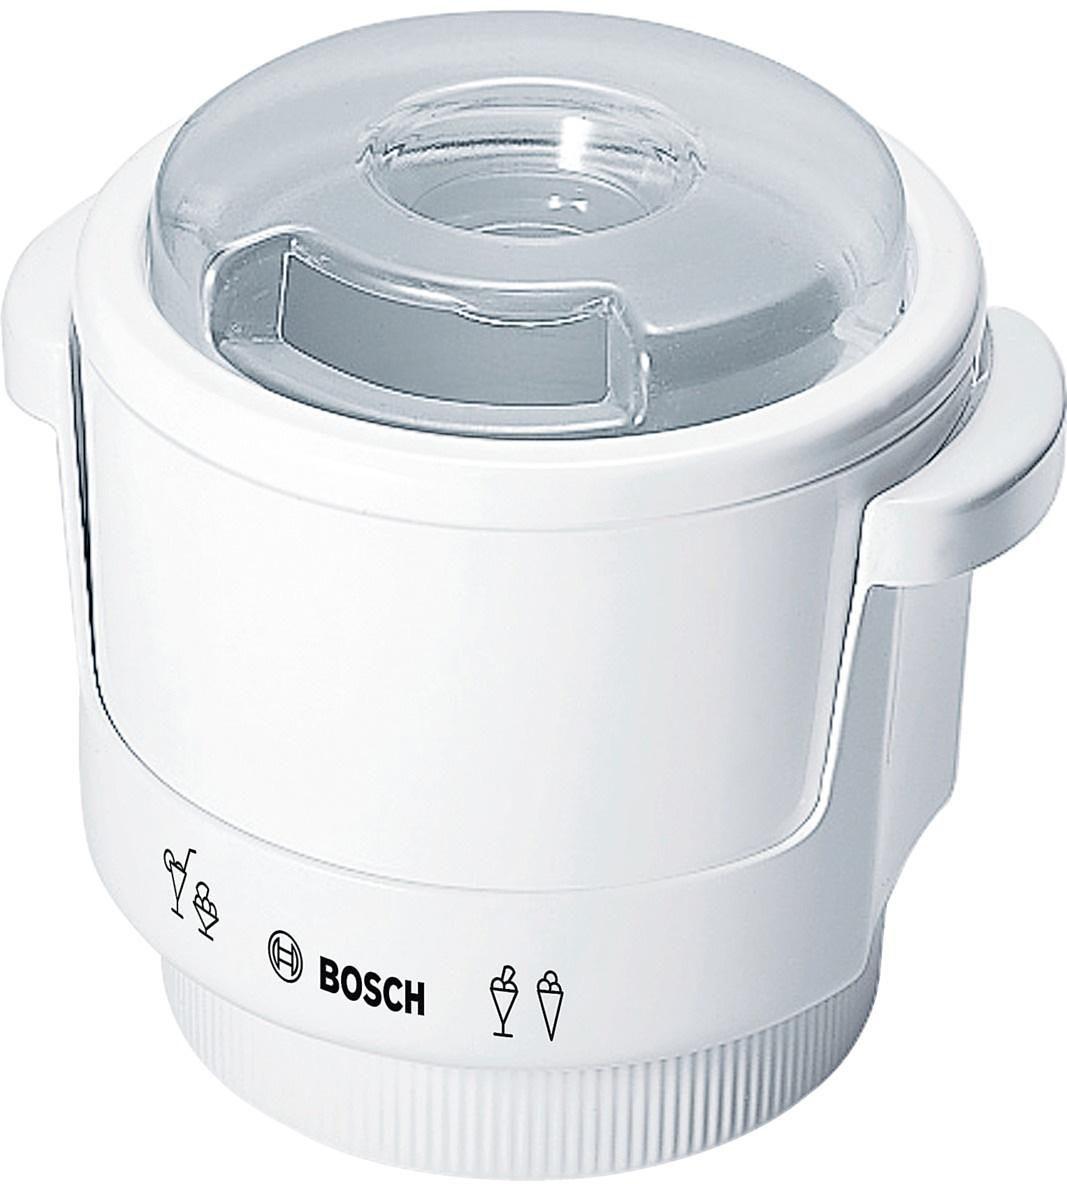 Bosch Speiseeisbereiter »MUZ4EB1«: Zubehör für Bosch Küchenmaschinen aus der Serie MUM4...